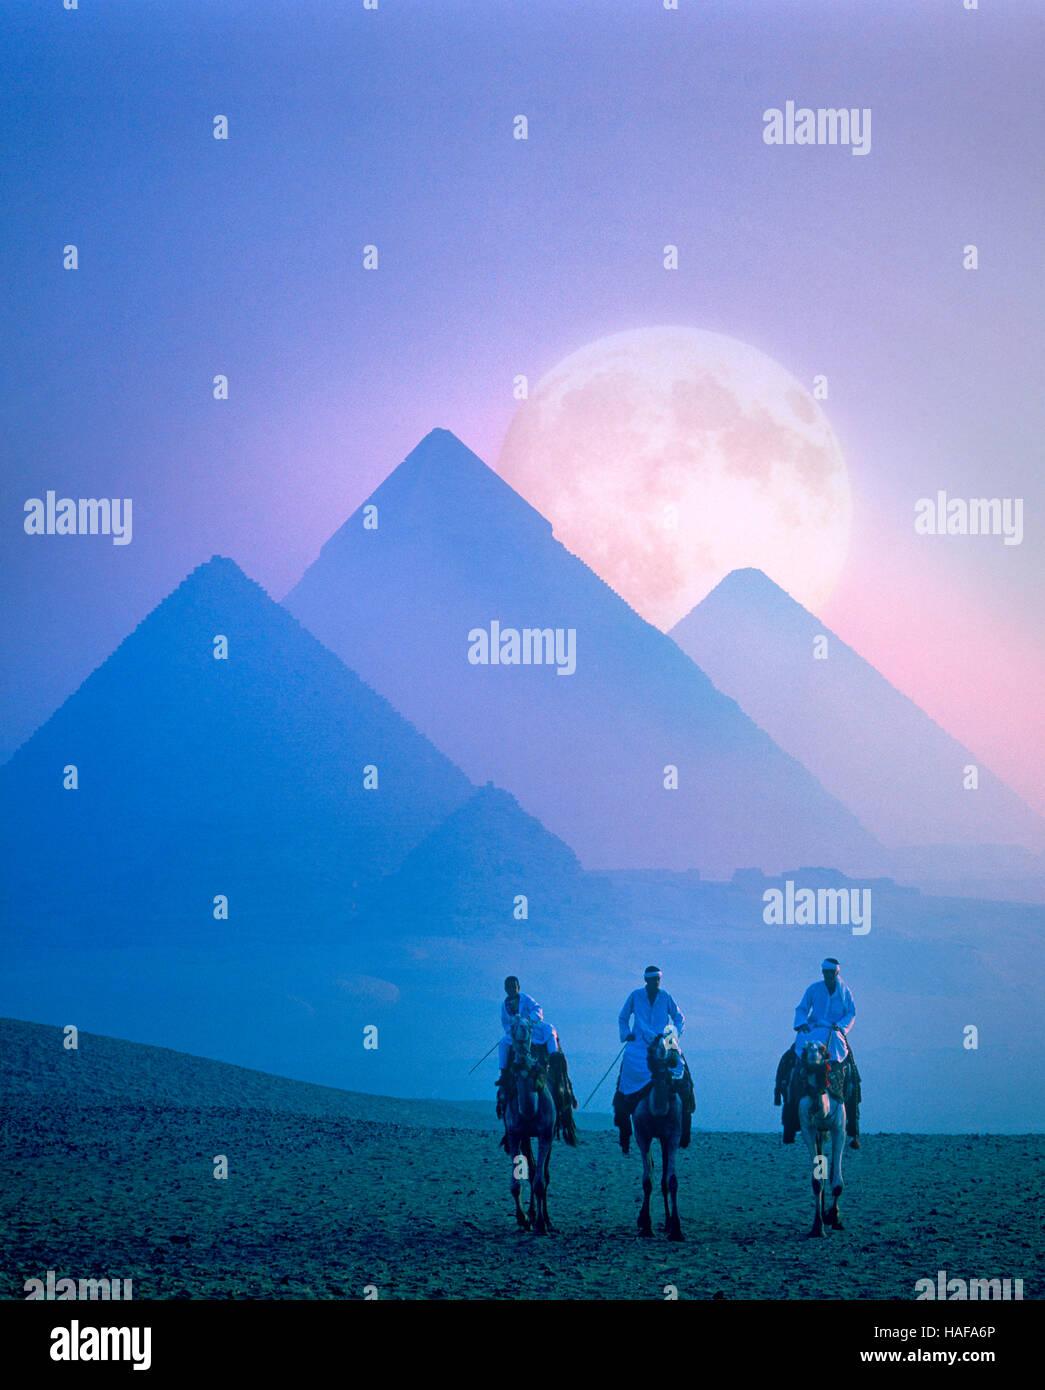 Luna llena ascendiendo detrás de las pirámides de Giza, en El Cairo, Egipto Imagen De Stock